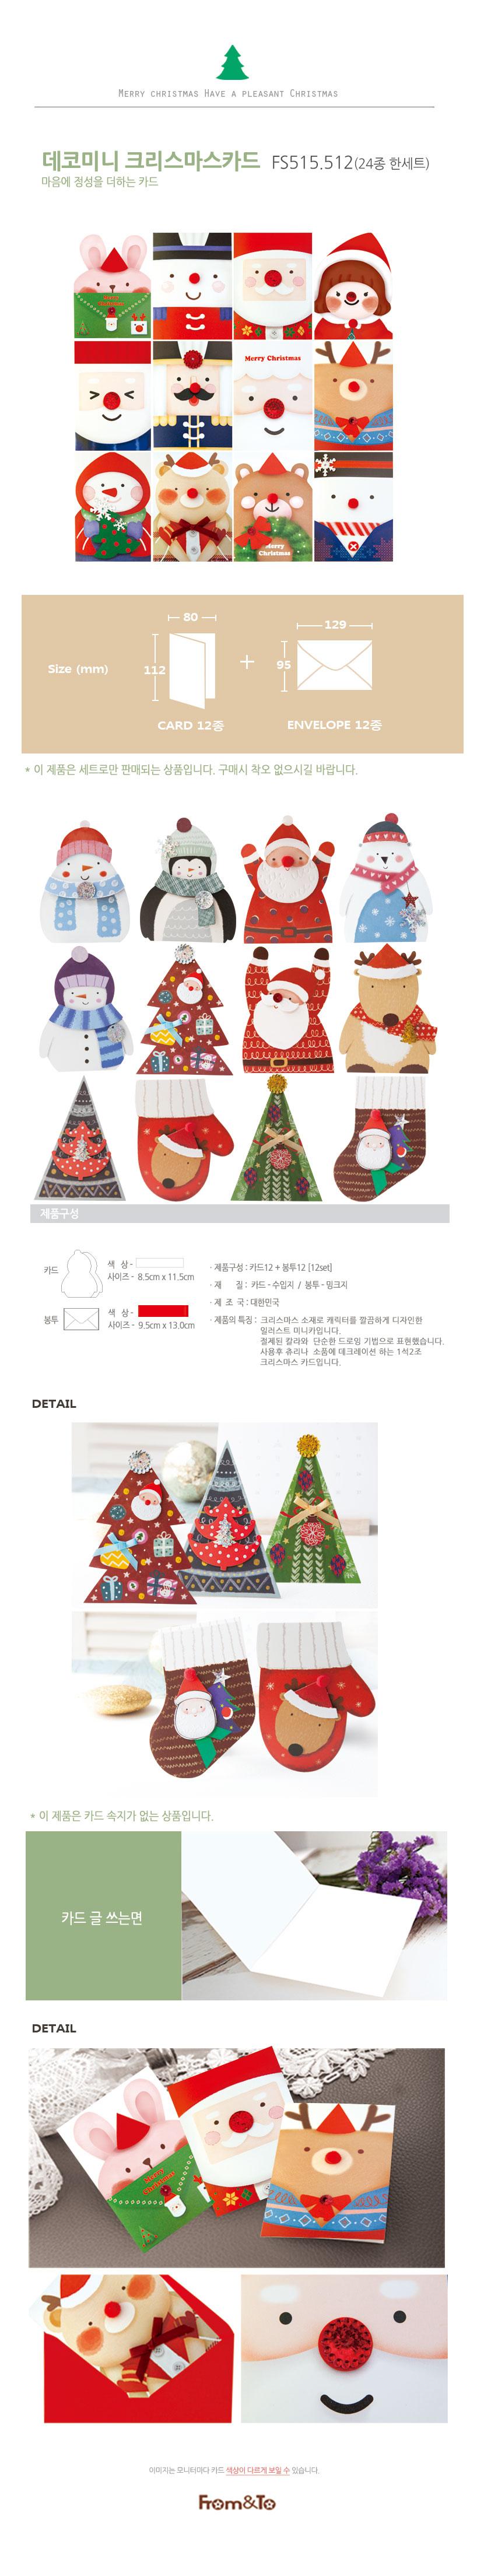 데코미니크리스마스카드fs515 512(24개) - 프롬앤투, 10,000원, 카드, 크리스마스 카드